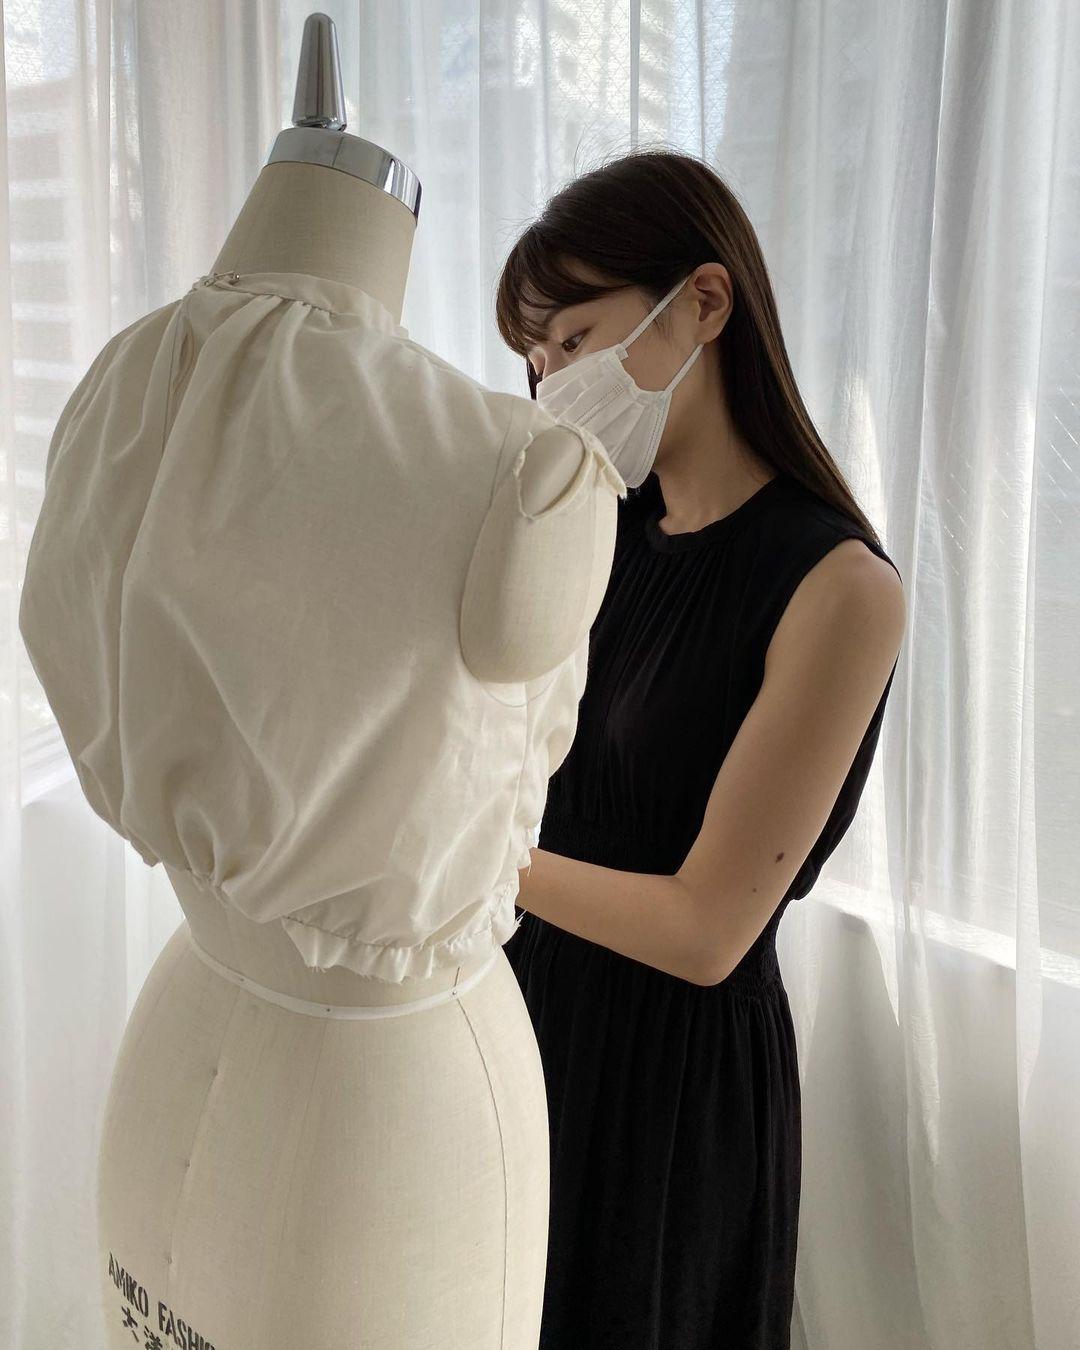 东京私立名校毕业的美女时装设计师日本妹子的清新甜美气质真的好可爱 养眼图片 第5张